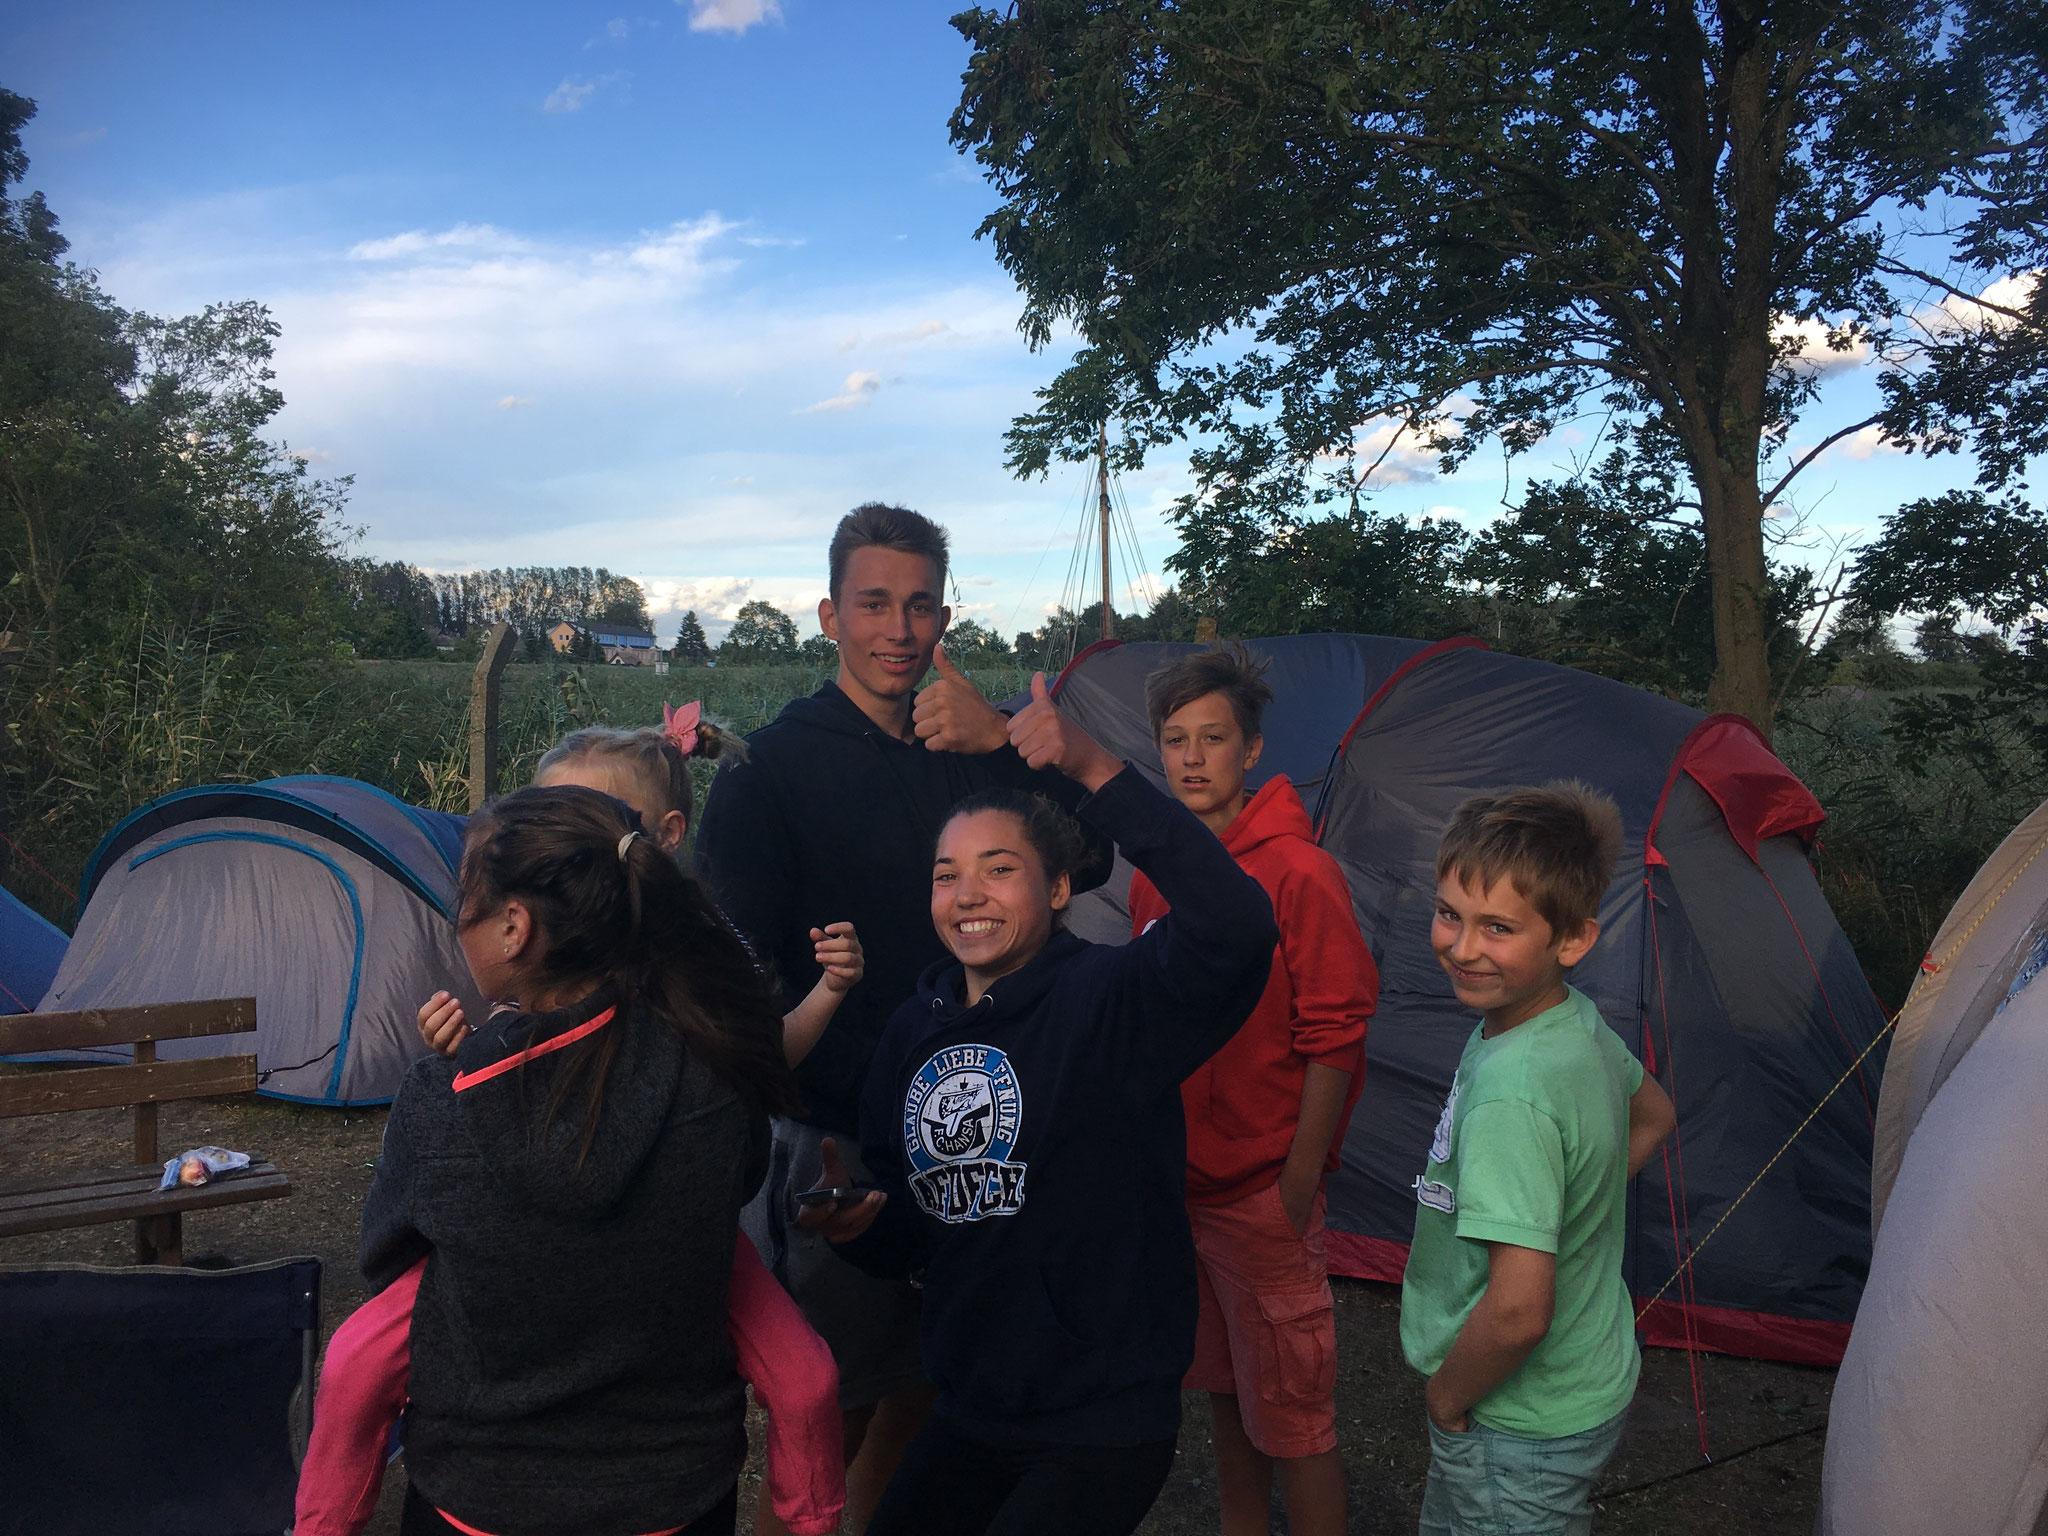 Gemeinsame Freizeit im Zeltlager auf dem Vereinsgelände